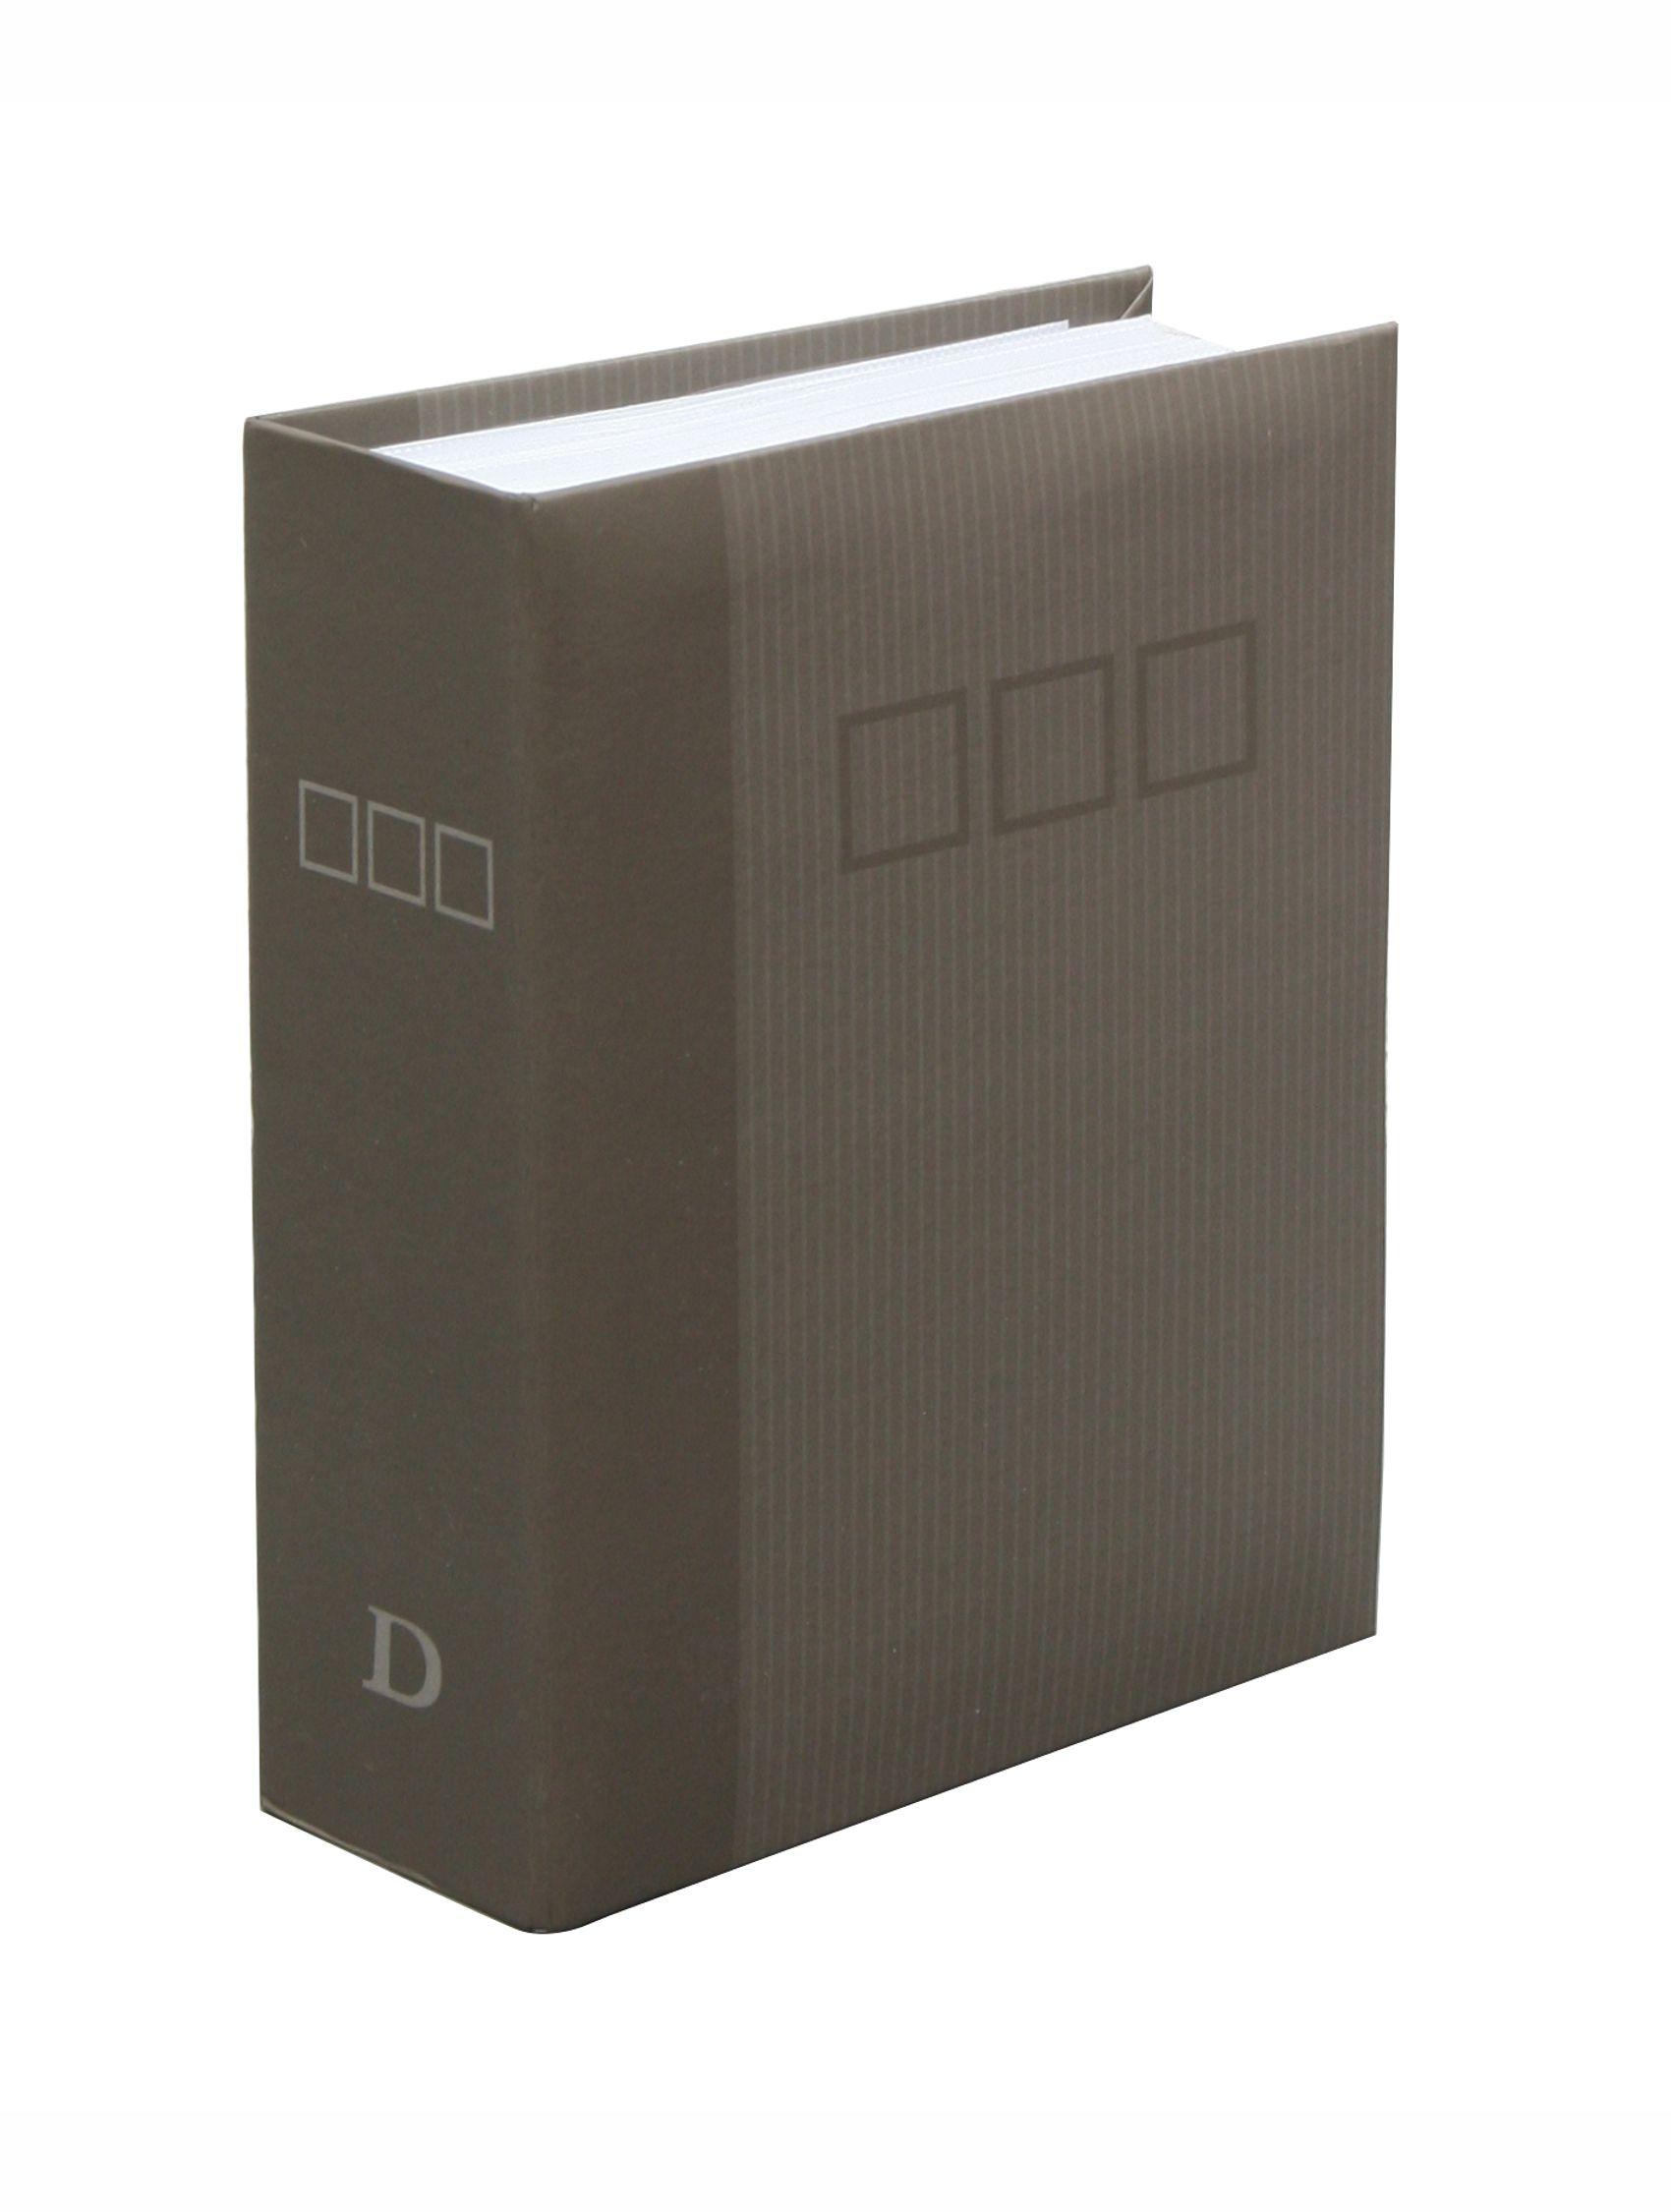 slip-in album, grijs, voor 100 foto's,omslag in papier A40H70 100PH